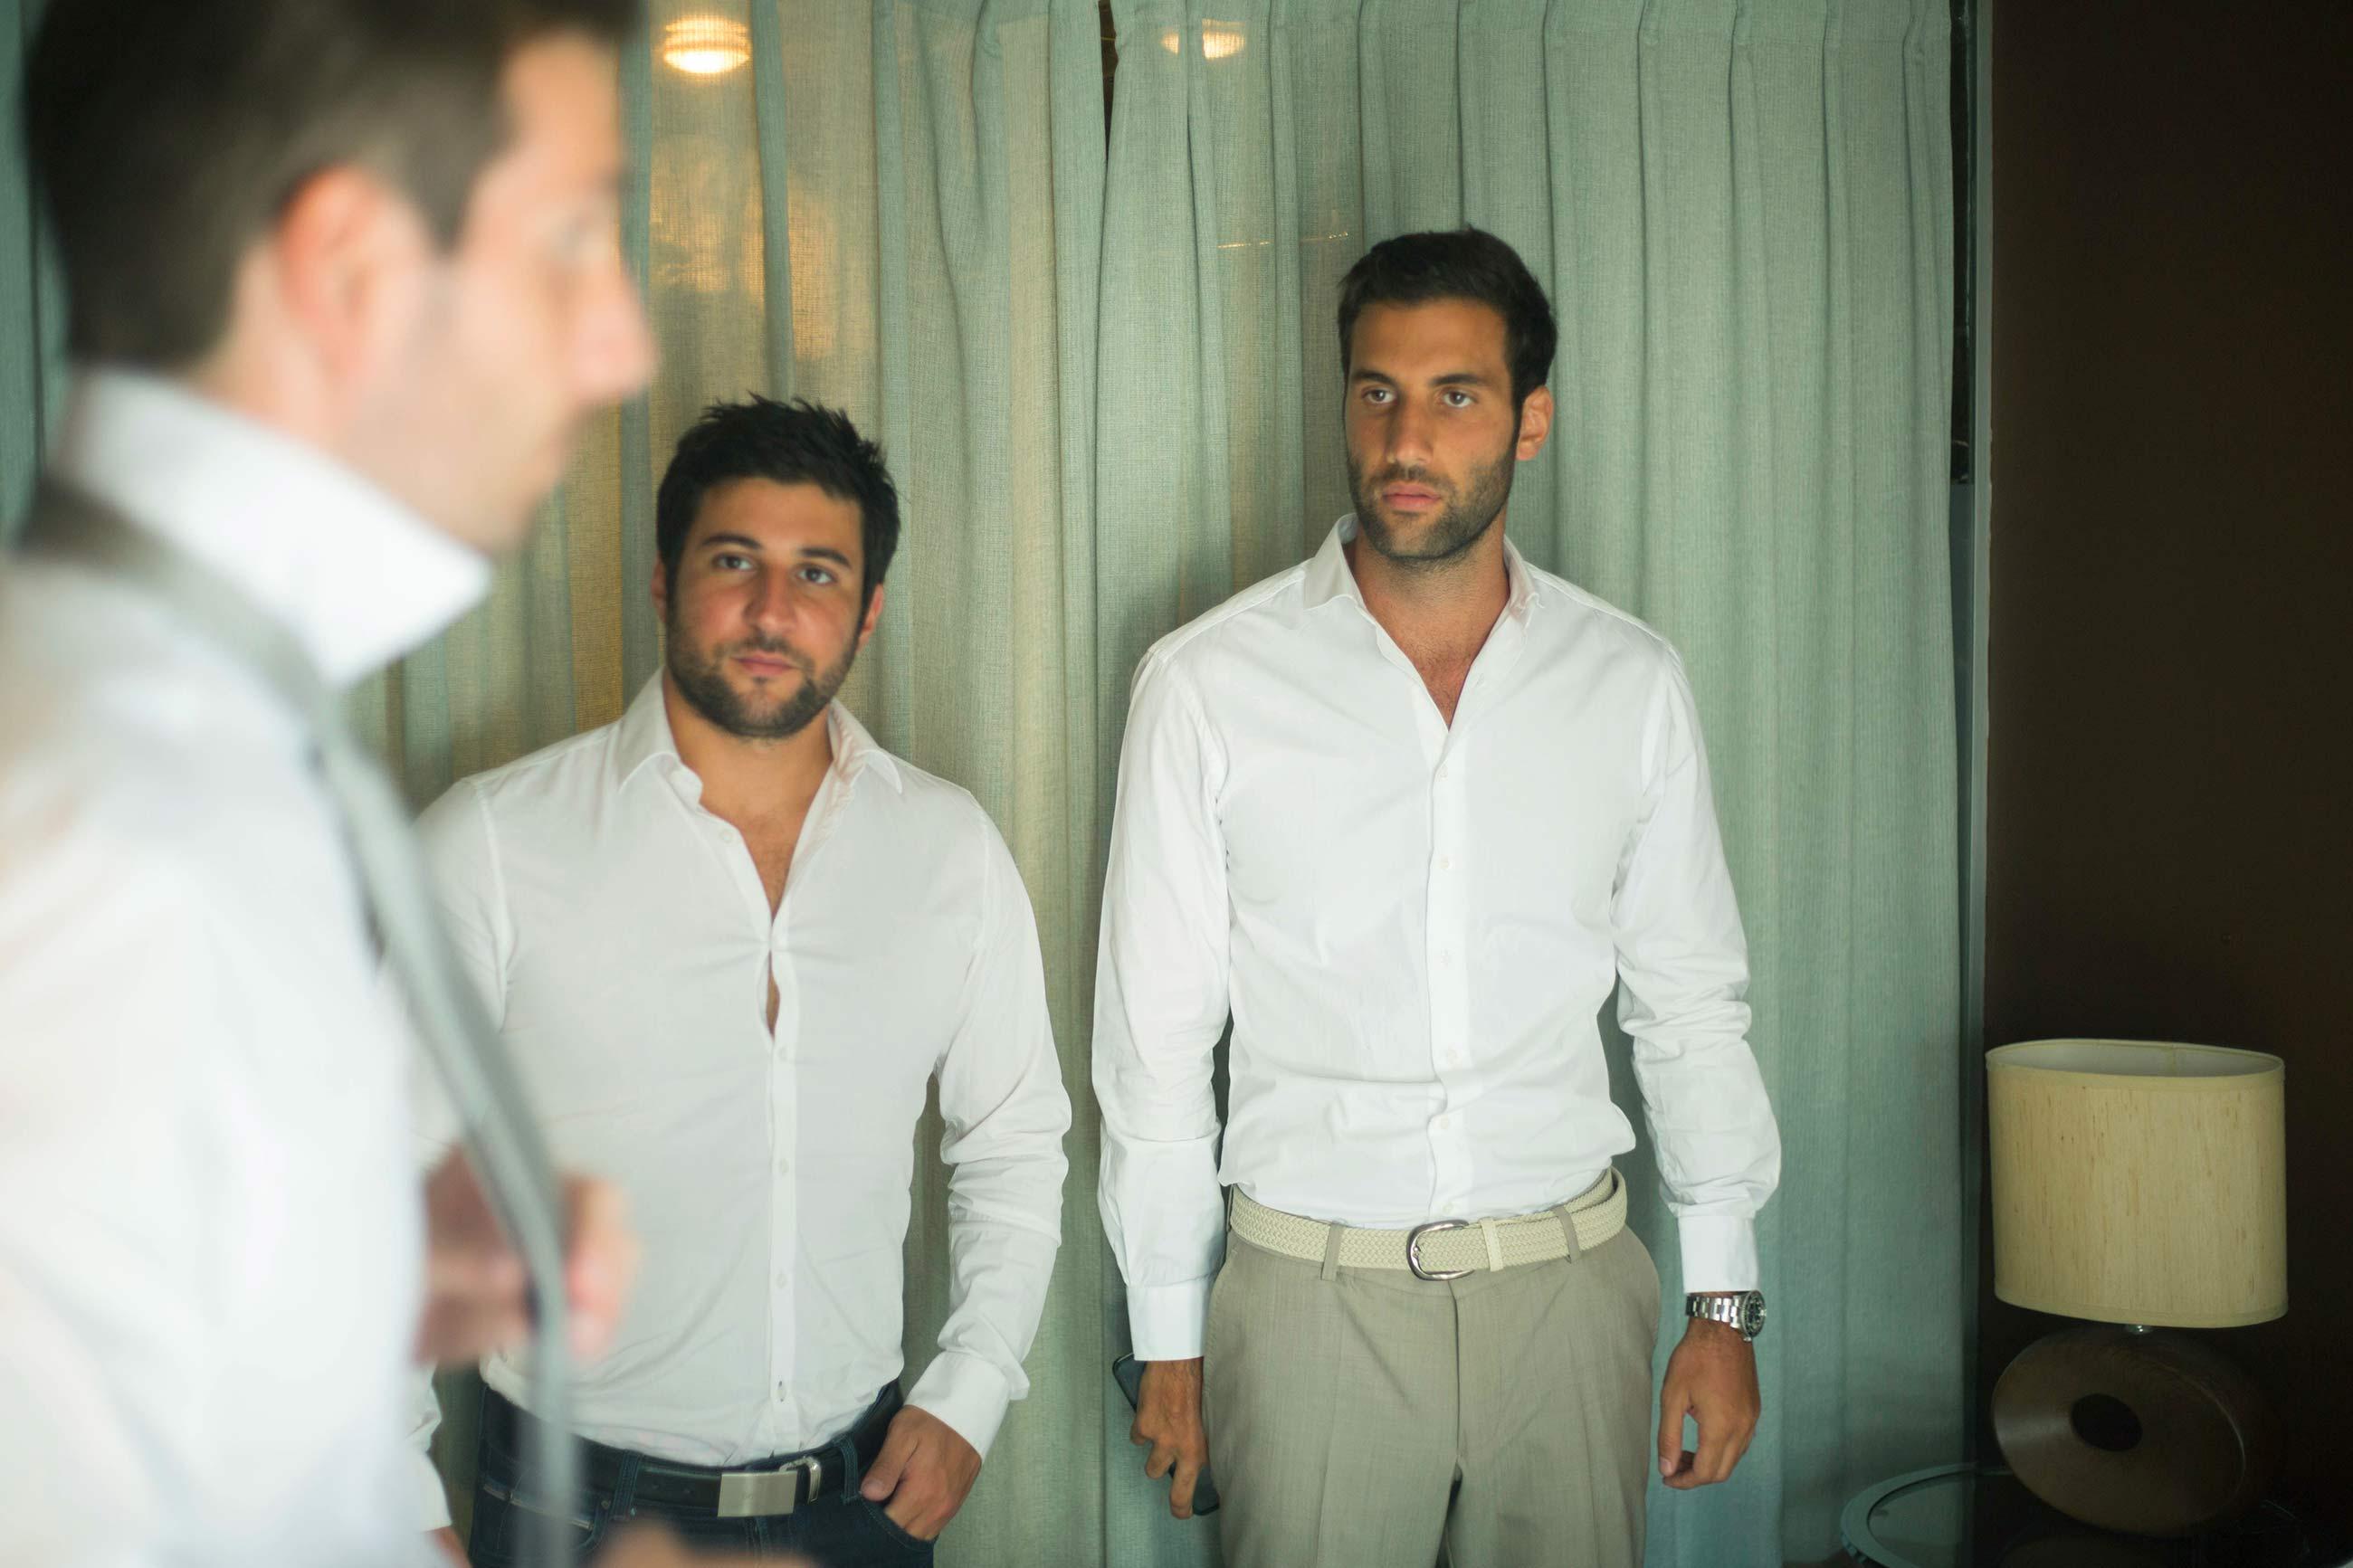 lea-jeremie-mariage-tel-aviv-israel-photographe-paris-video26